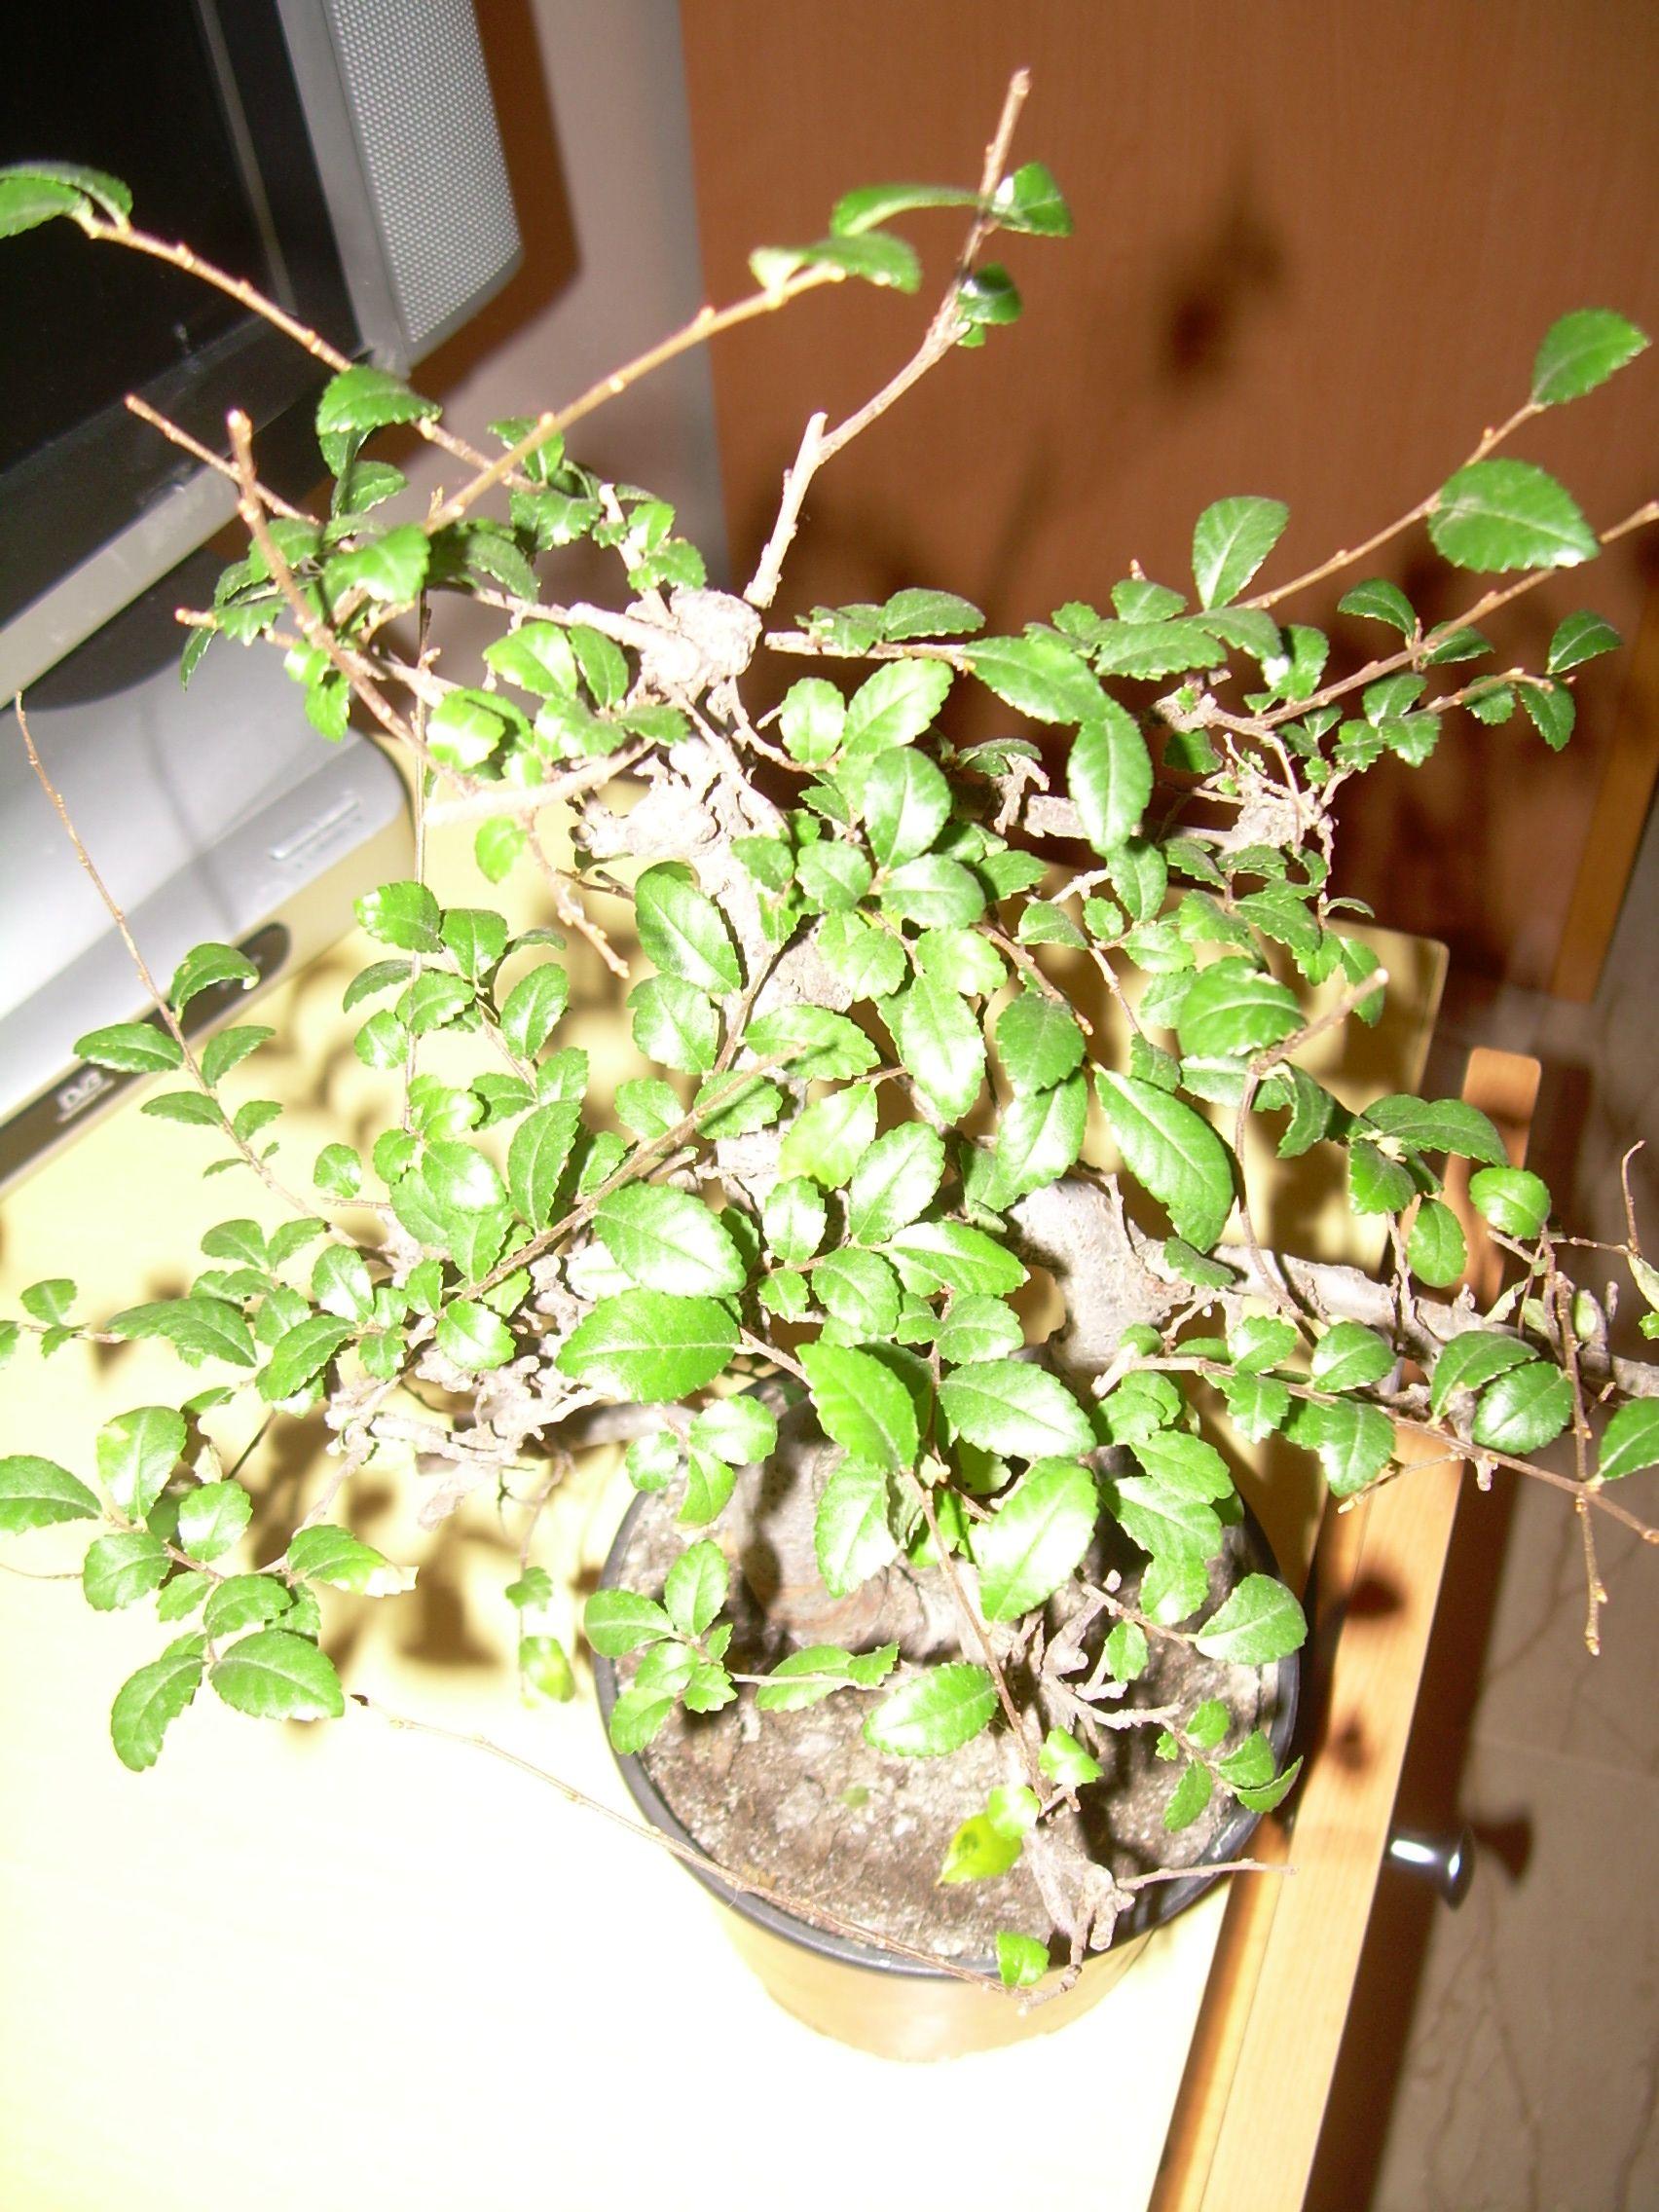 Mi primer bonsaiii Dscn2926s